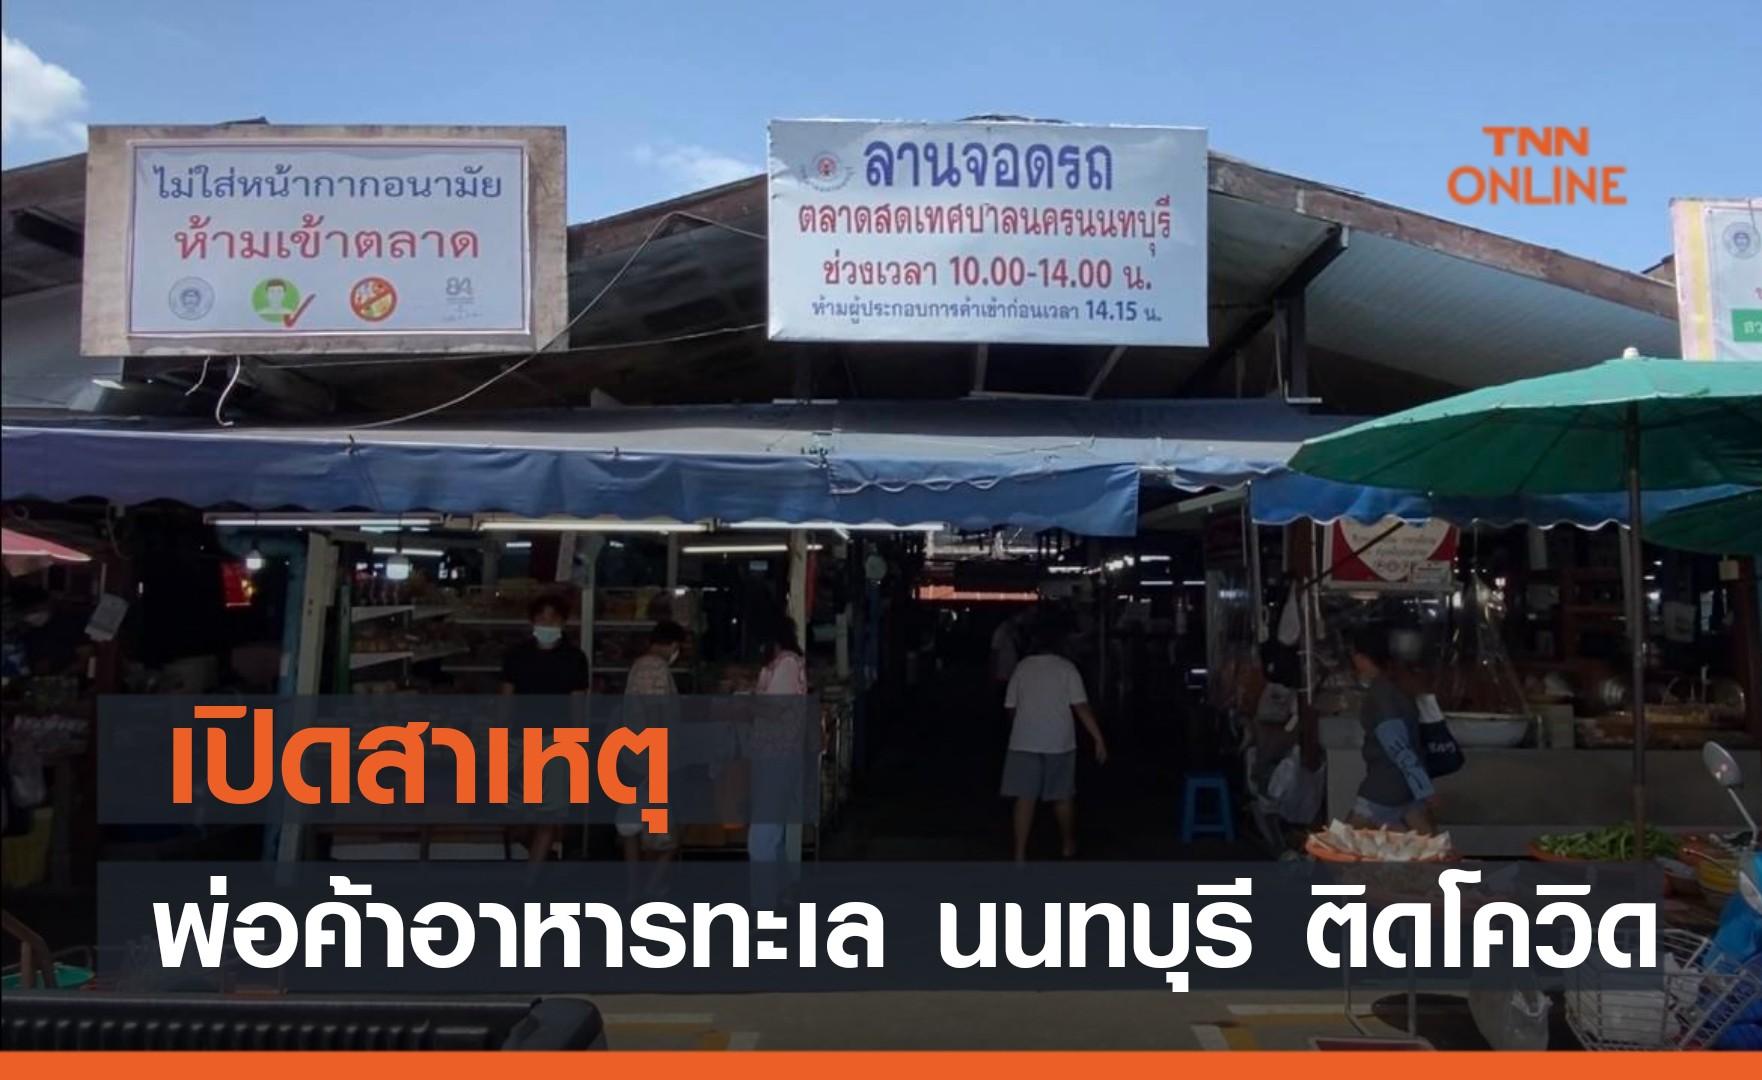 เปิดสาเหตุ! พ่อค้าอาหารทะเล ตลาดเทศบาลนครนนทบุรี ติดโควิด